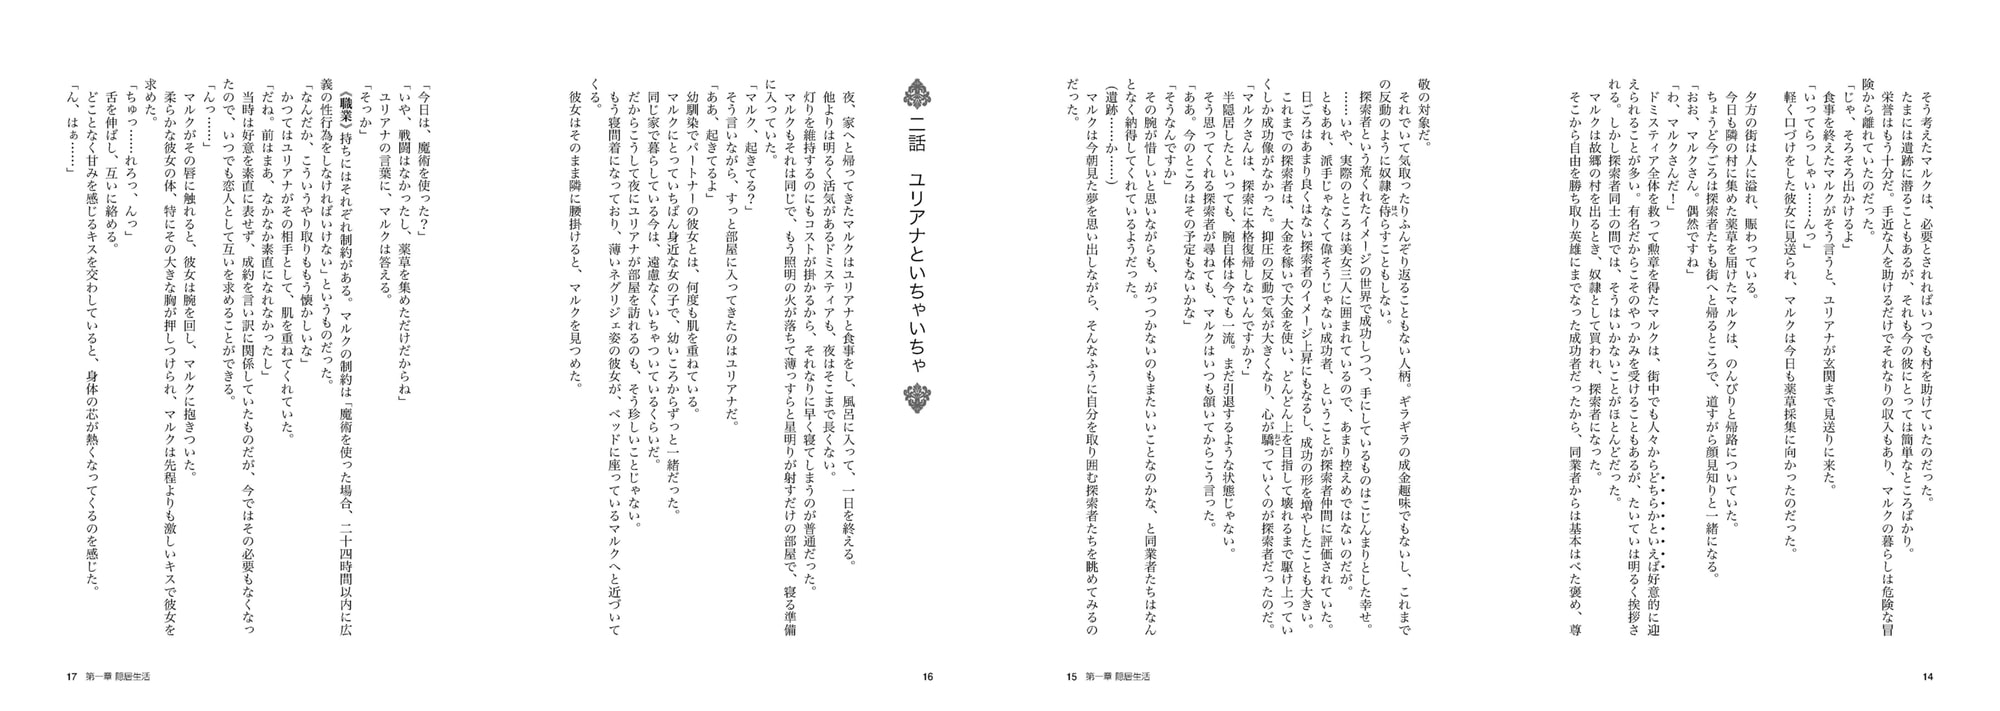 隠居英雄が始める駆け上がり最強伝説 ~魔術少女と女騎士との冒険ハーレム!~